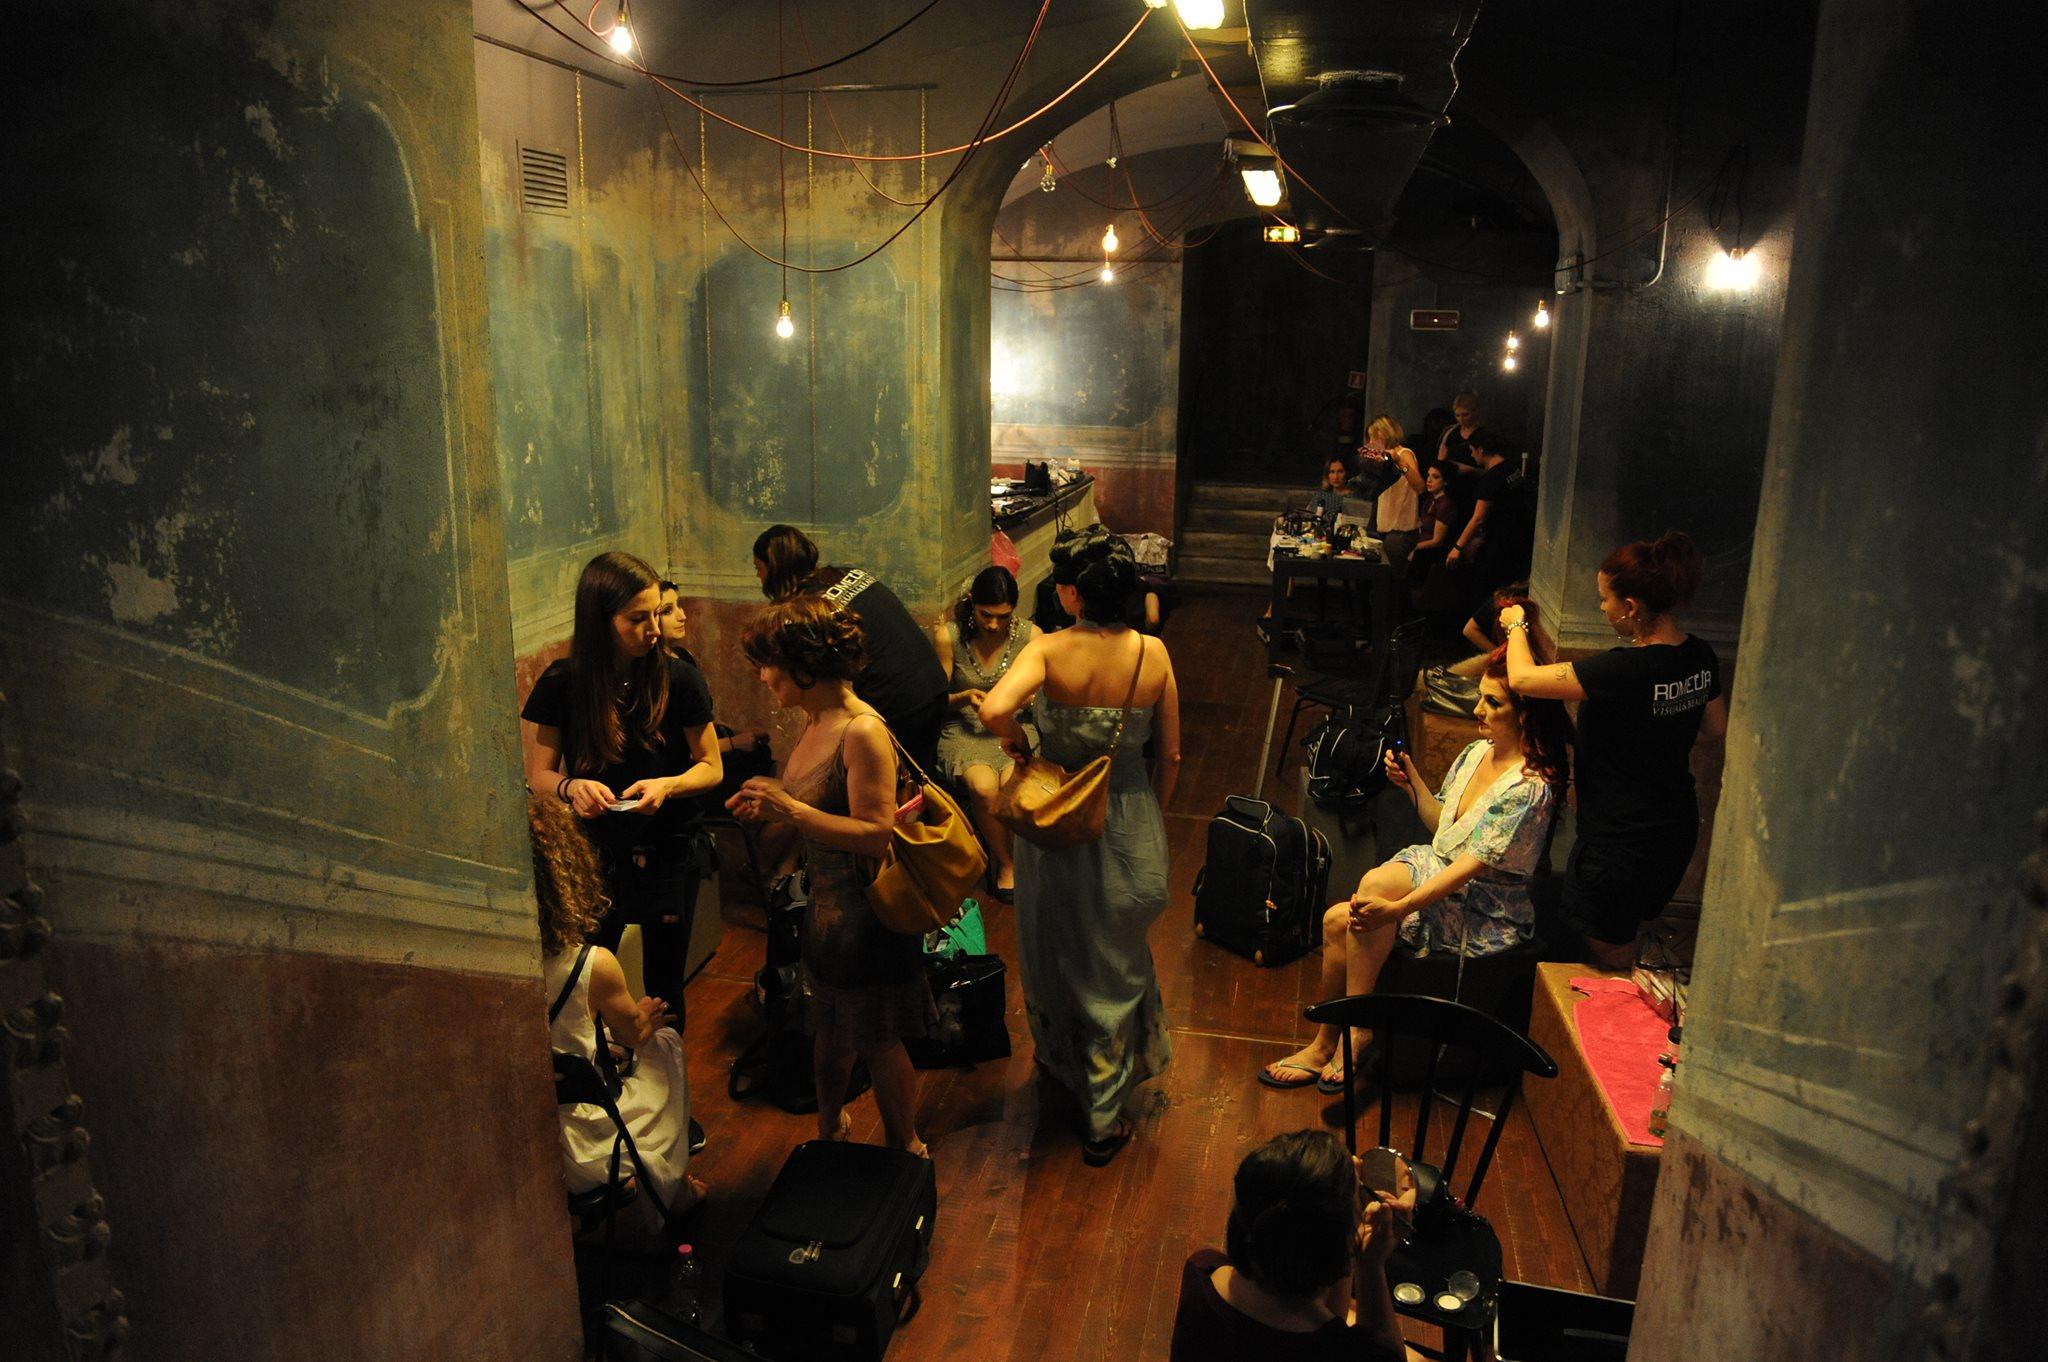 Guido Laudani L'arte del Burlesque, mostra fotografica a cura di Barbara Martusciello 4 (1)